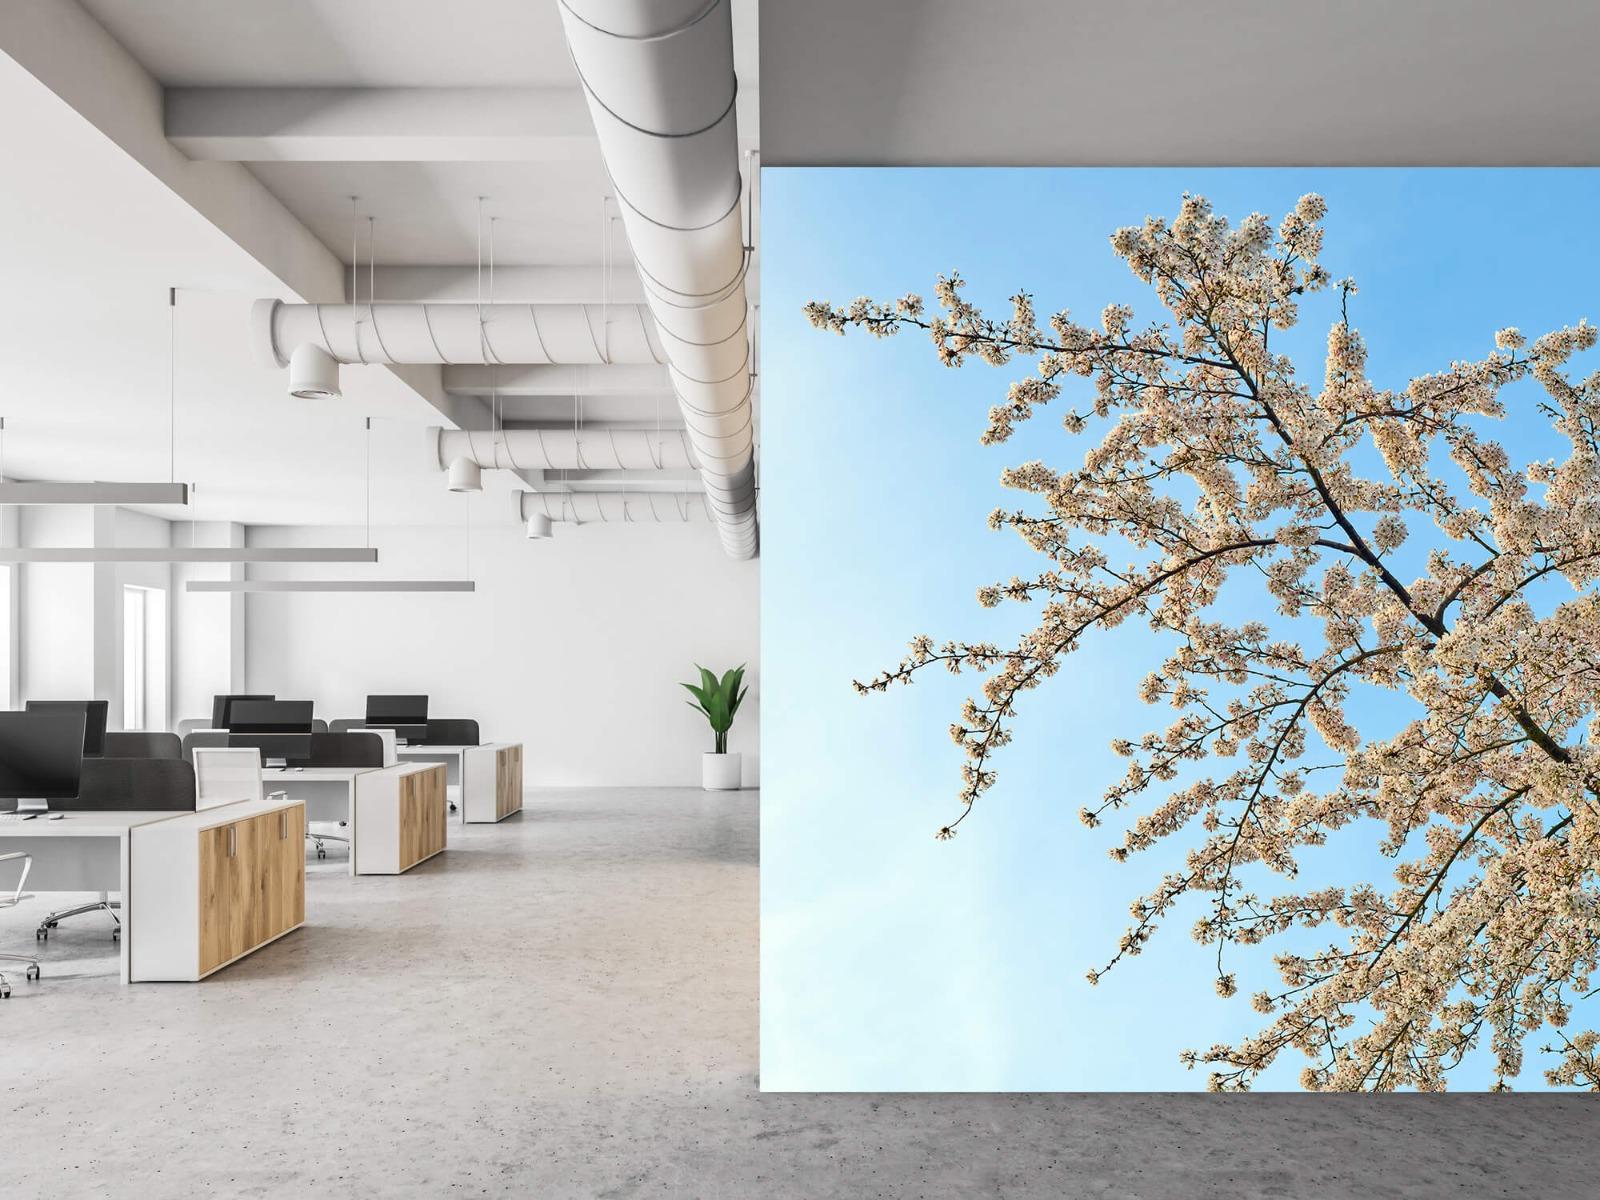 Bomen - Bloesemtak - Slaapkamer 21